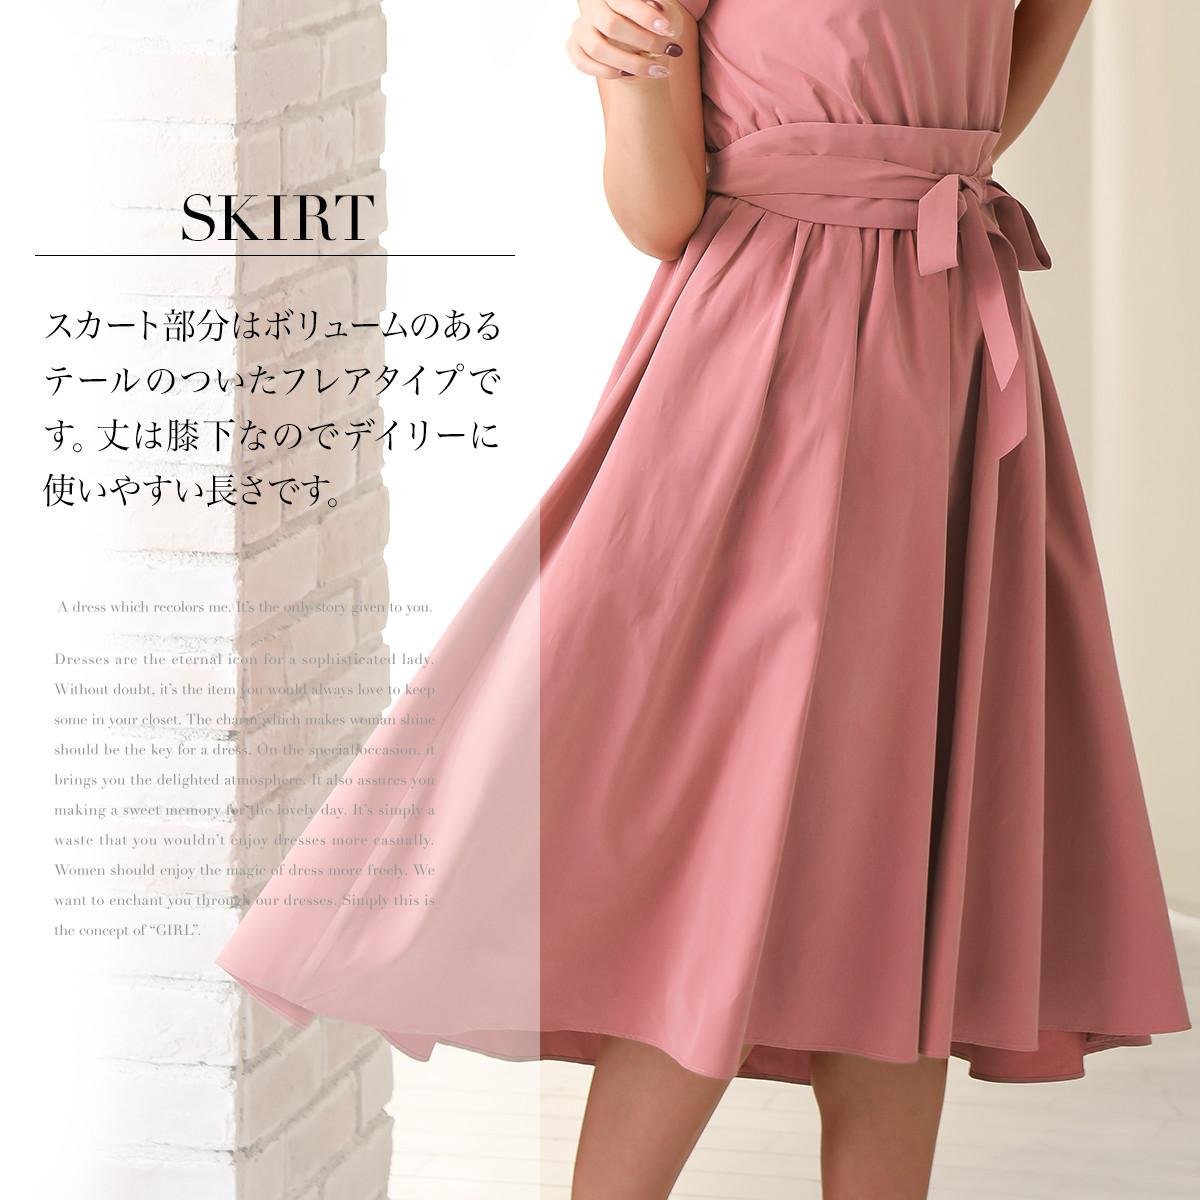 Dress Shop GIRL: It Is Winter In Spring In Winter In Short